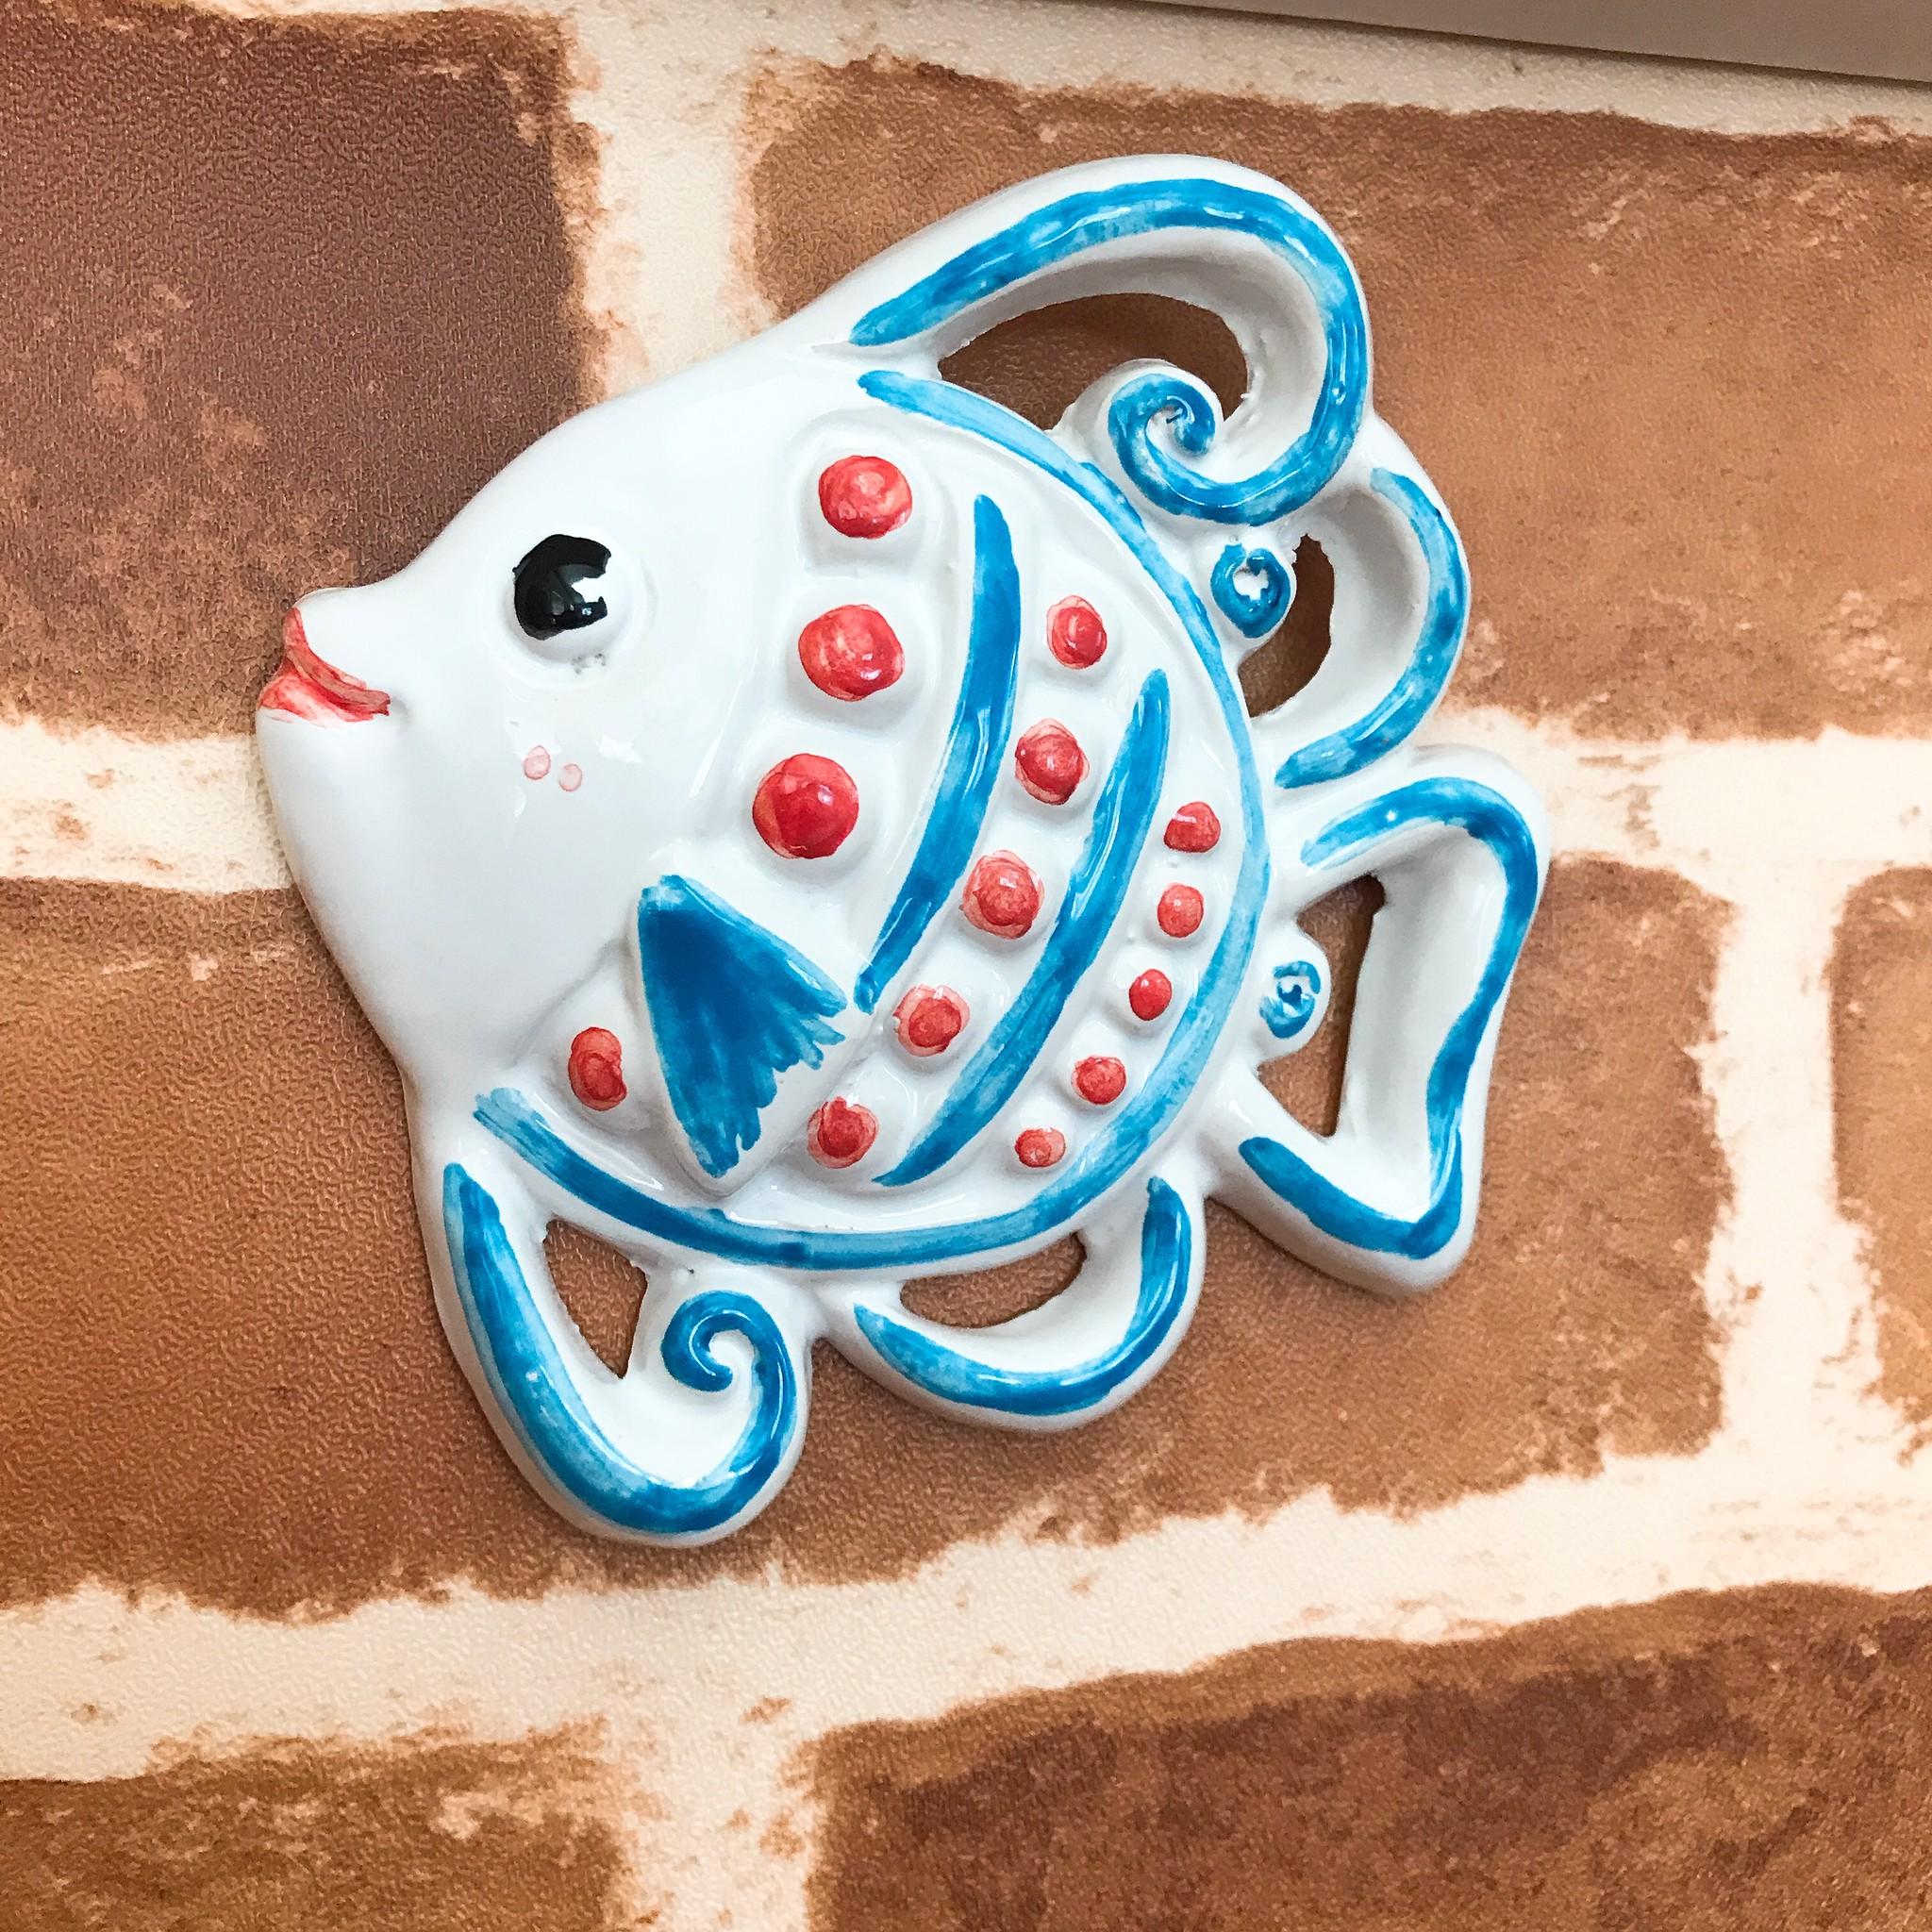 新作はかわいらしい魚の壁飾りです